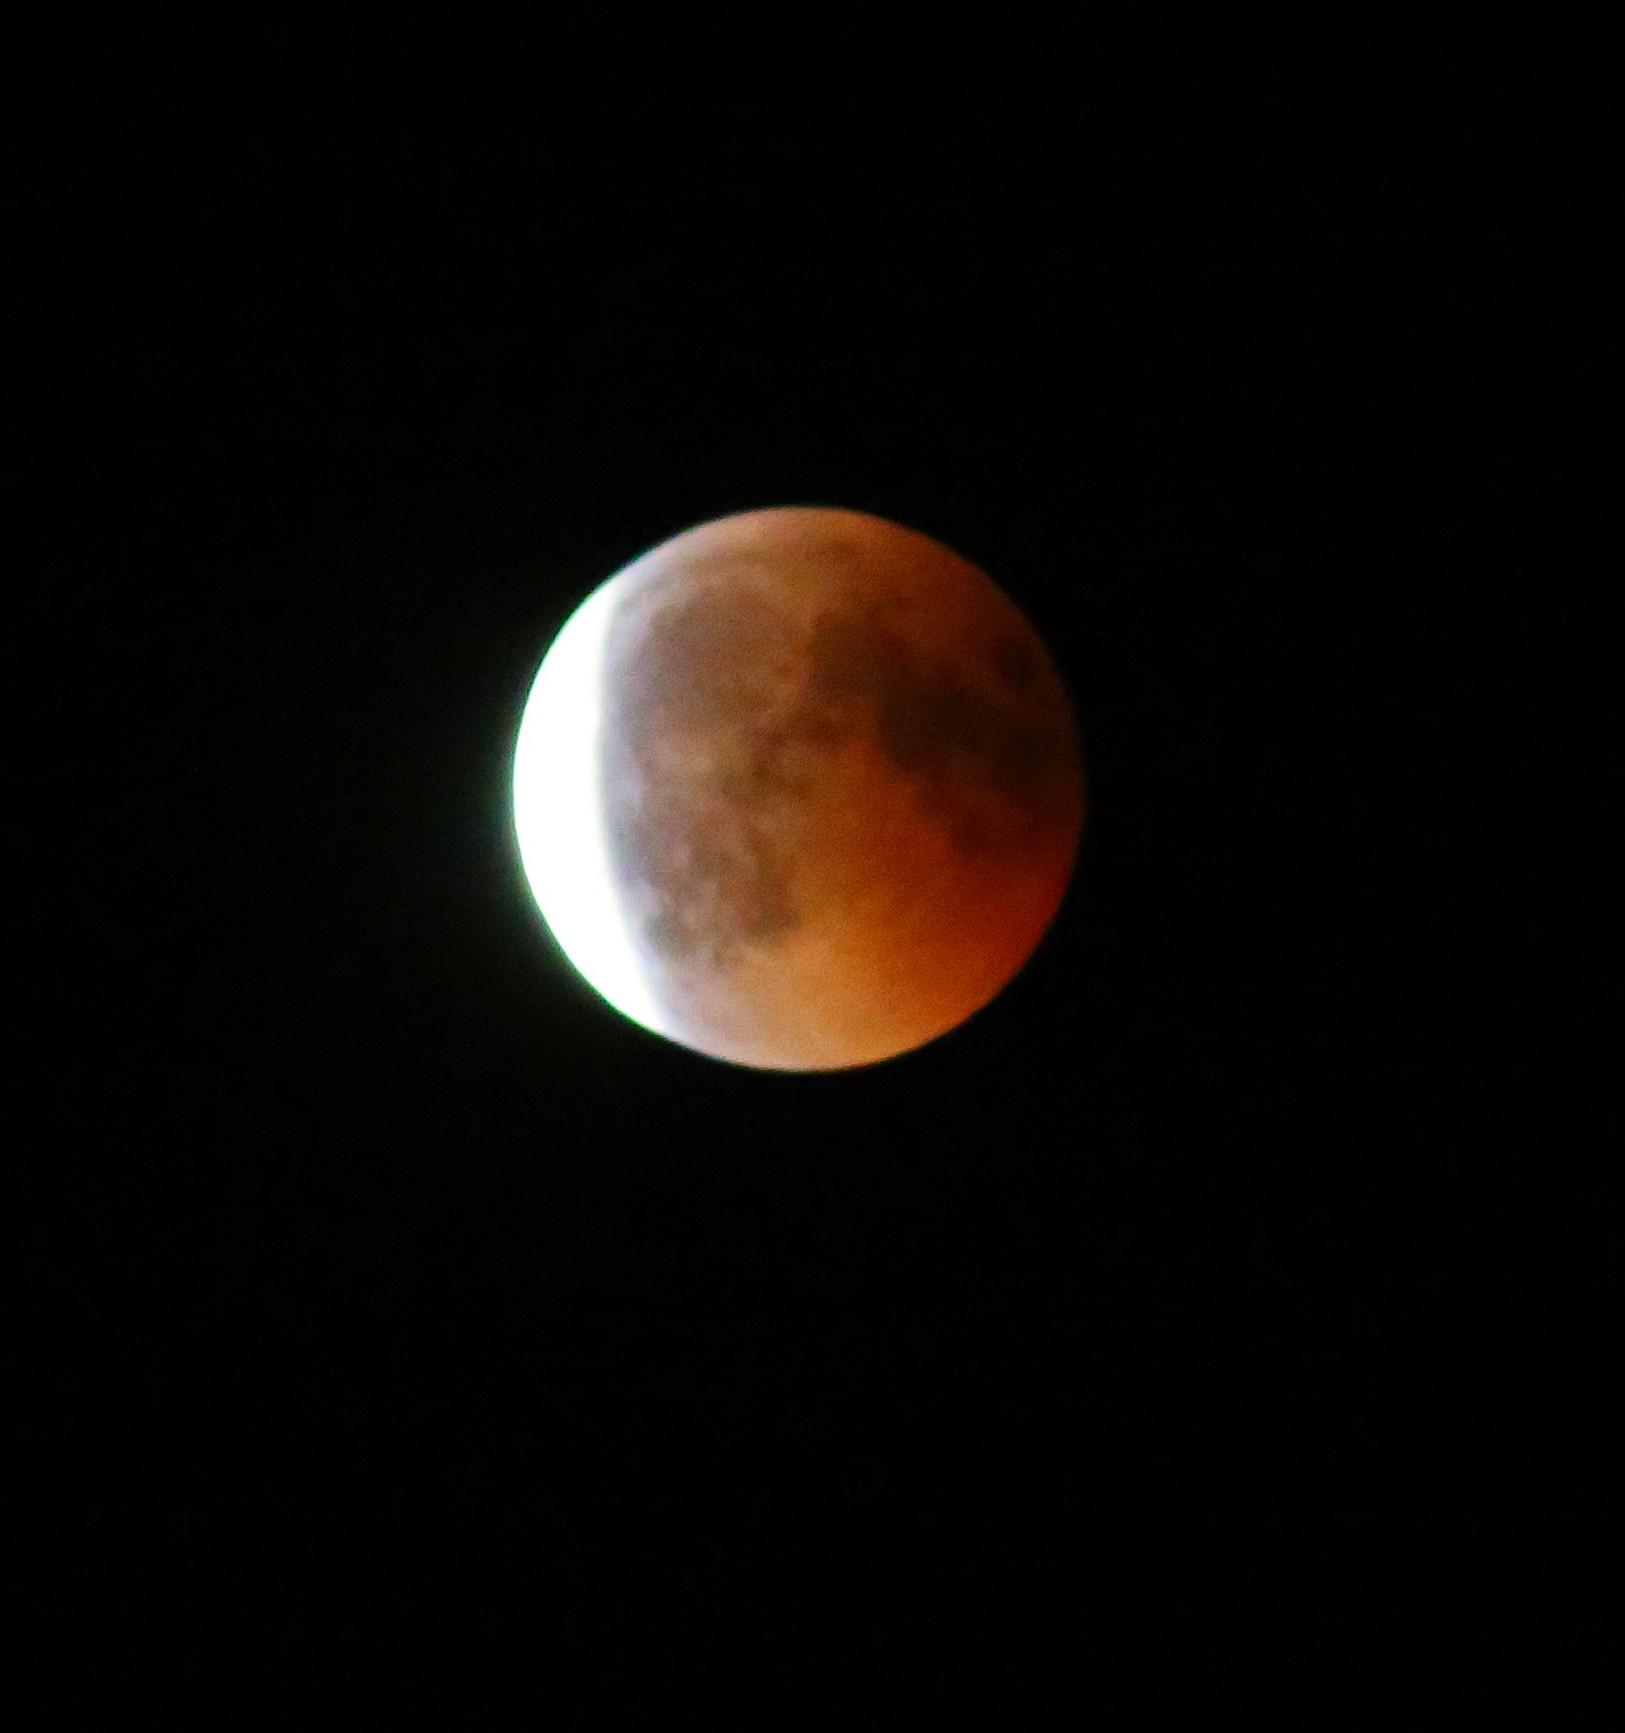 Eclipse de lune du 27 juillet 2018 par l'ADAES